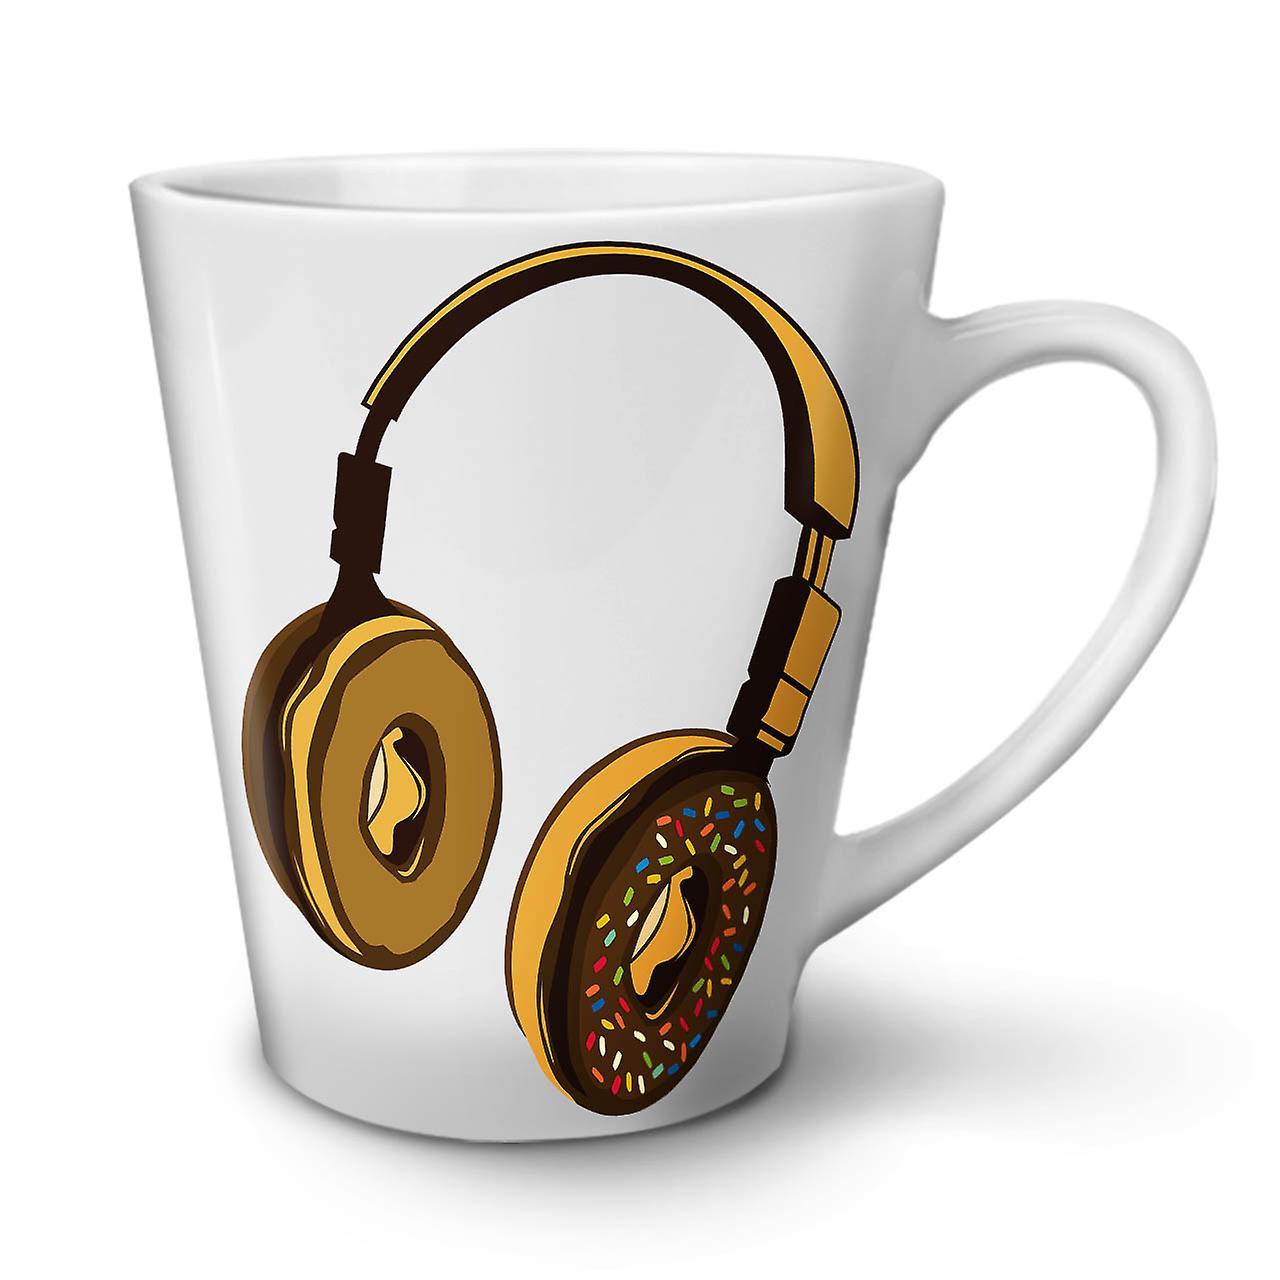 Casque Café Tasse Latte Céramique En OzWellcoda Nouvelle Musique Donut Blanche 12 29EIDH